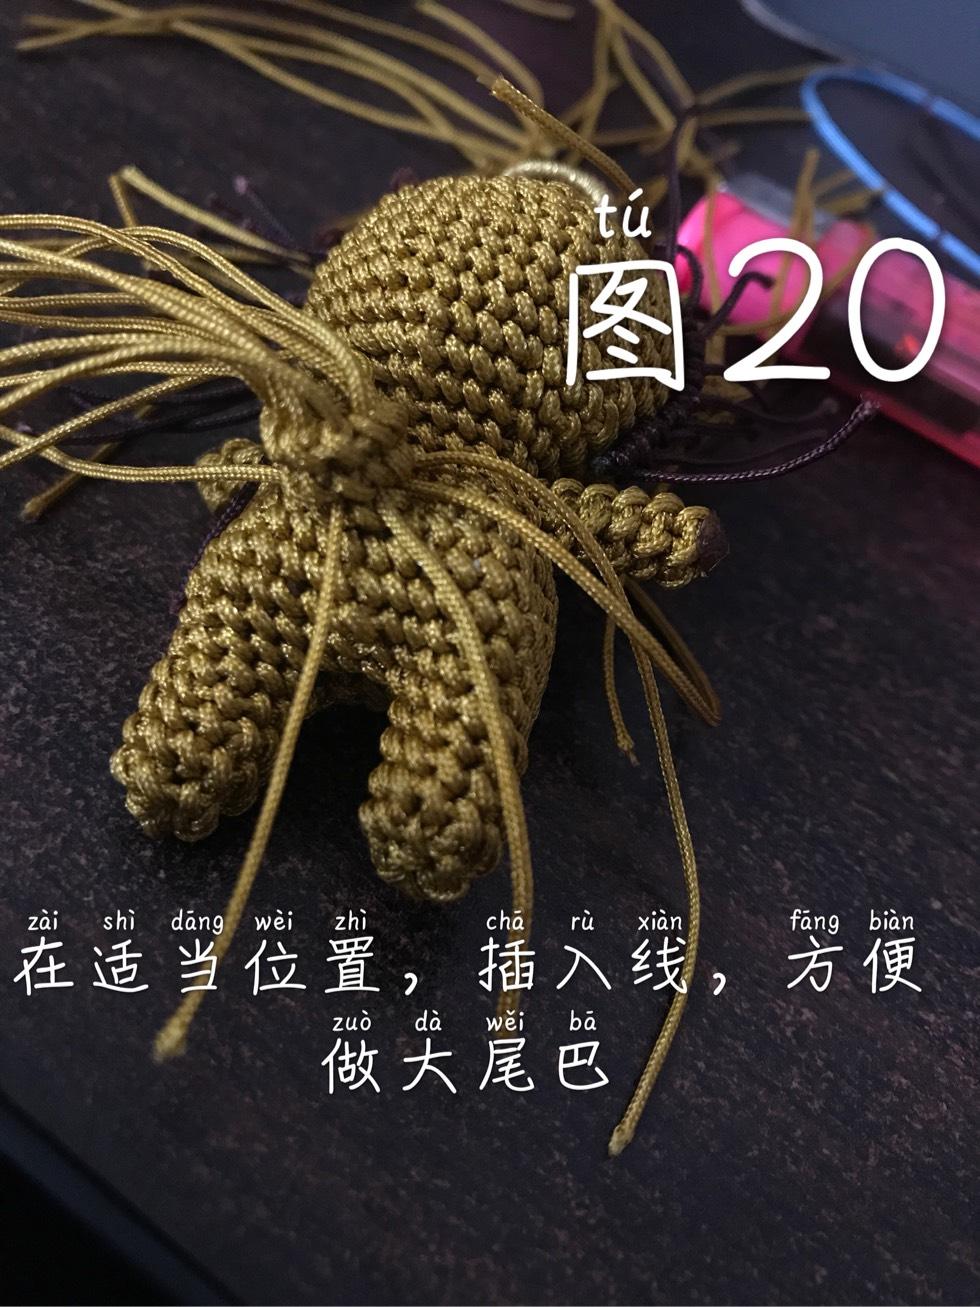 中国结论坛 嗷呜嗷呜的大狮子  图文教程区 193650gttagoa01x1si0a0